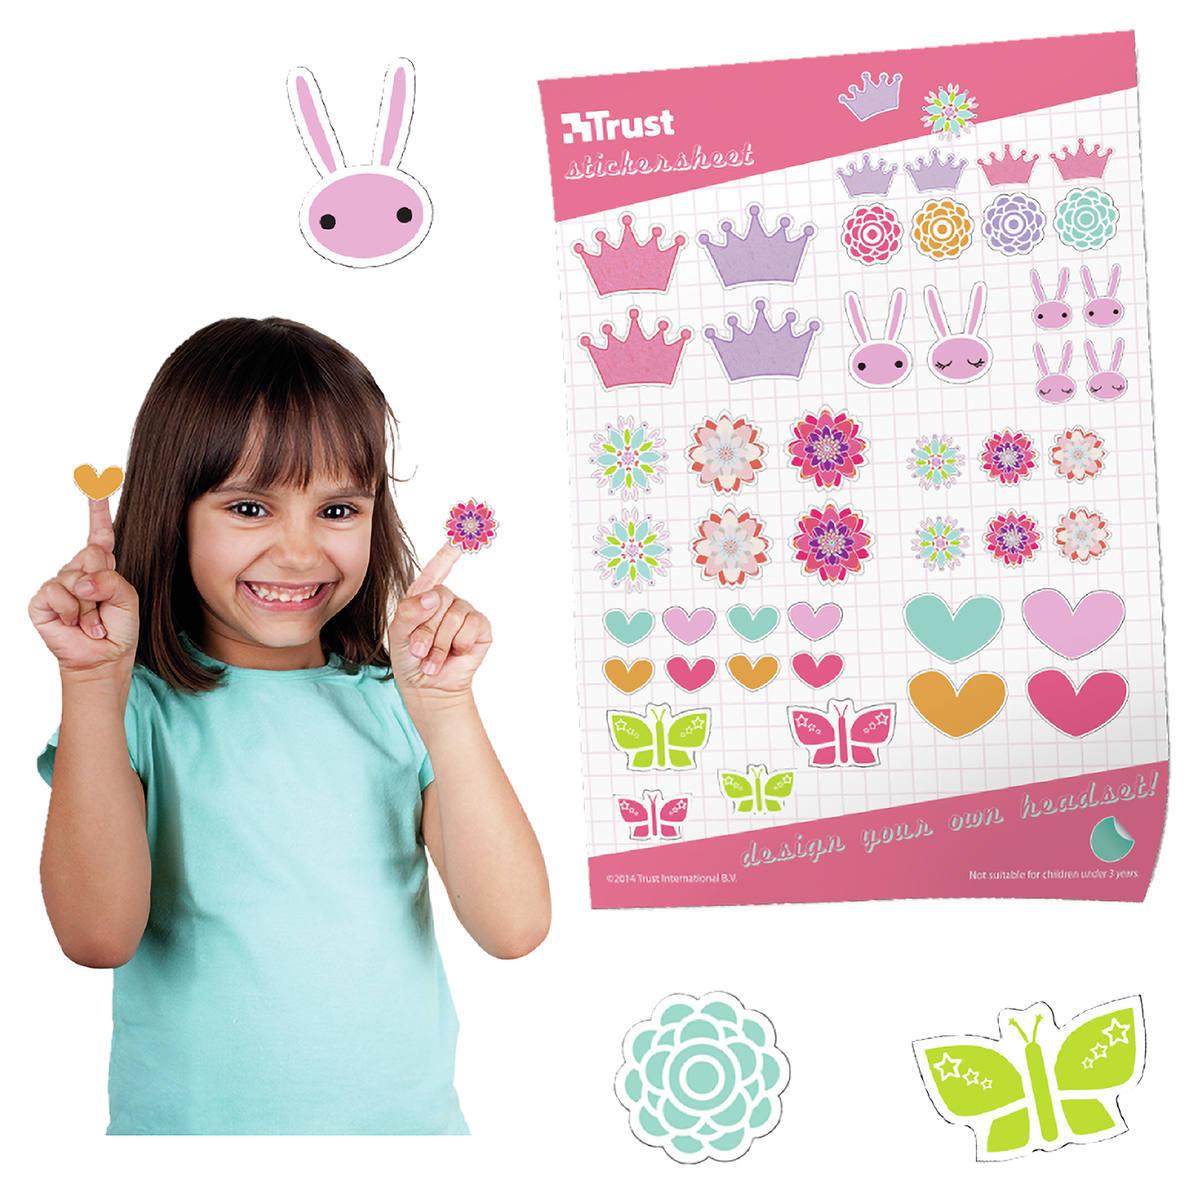 Fone para Criança com Limite de Volume Protege a Audição com Adesivos para Personalizar Trust Sonin Kids Headphone Pink